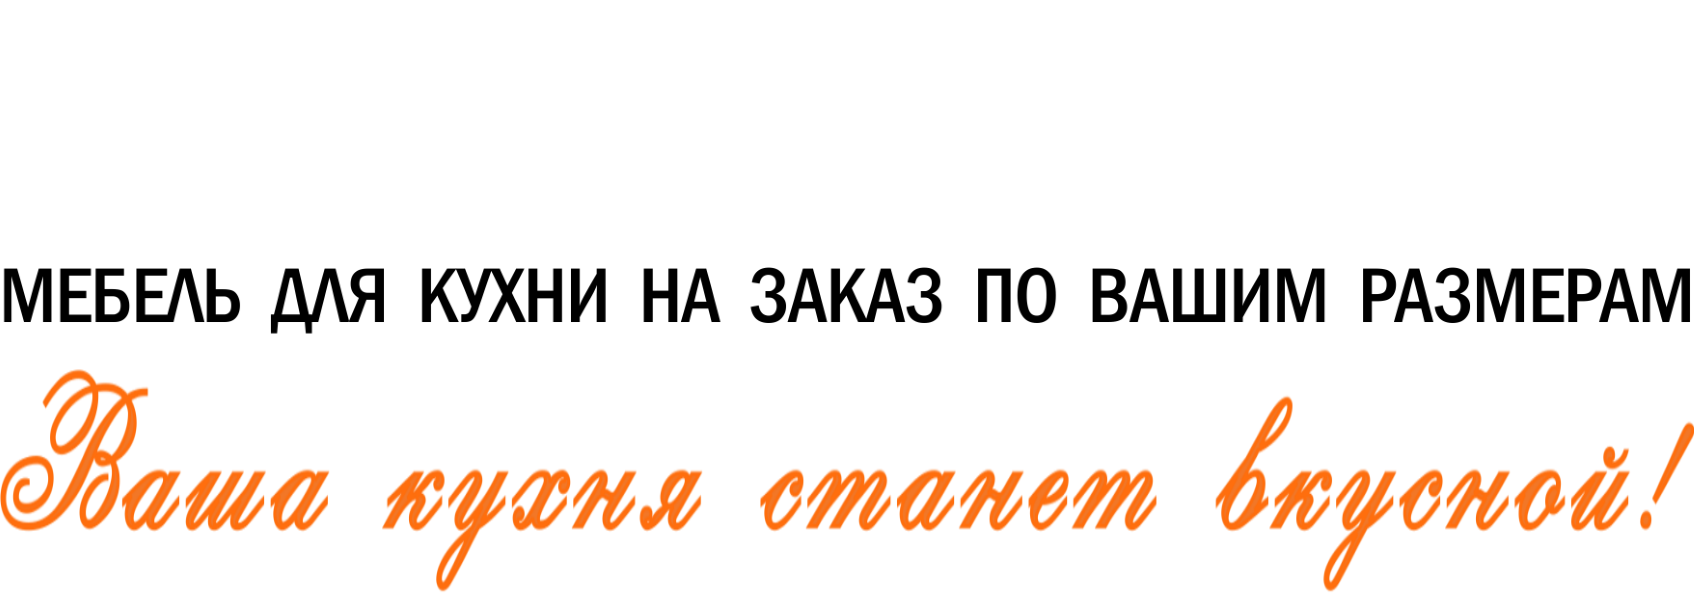 Слоган Вкусные кухни